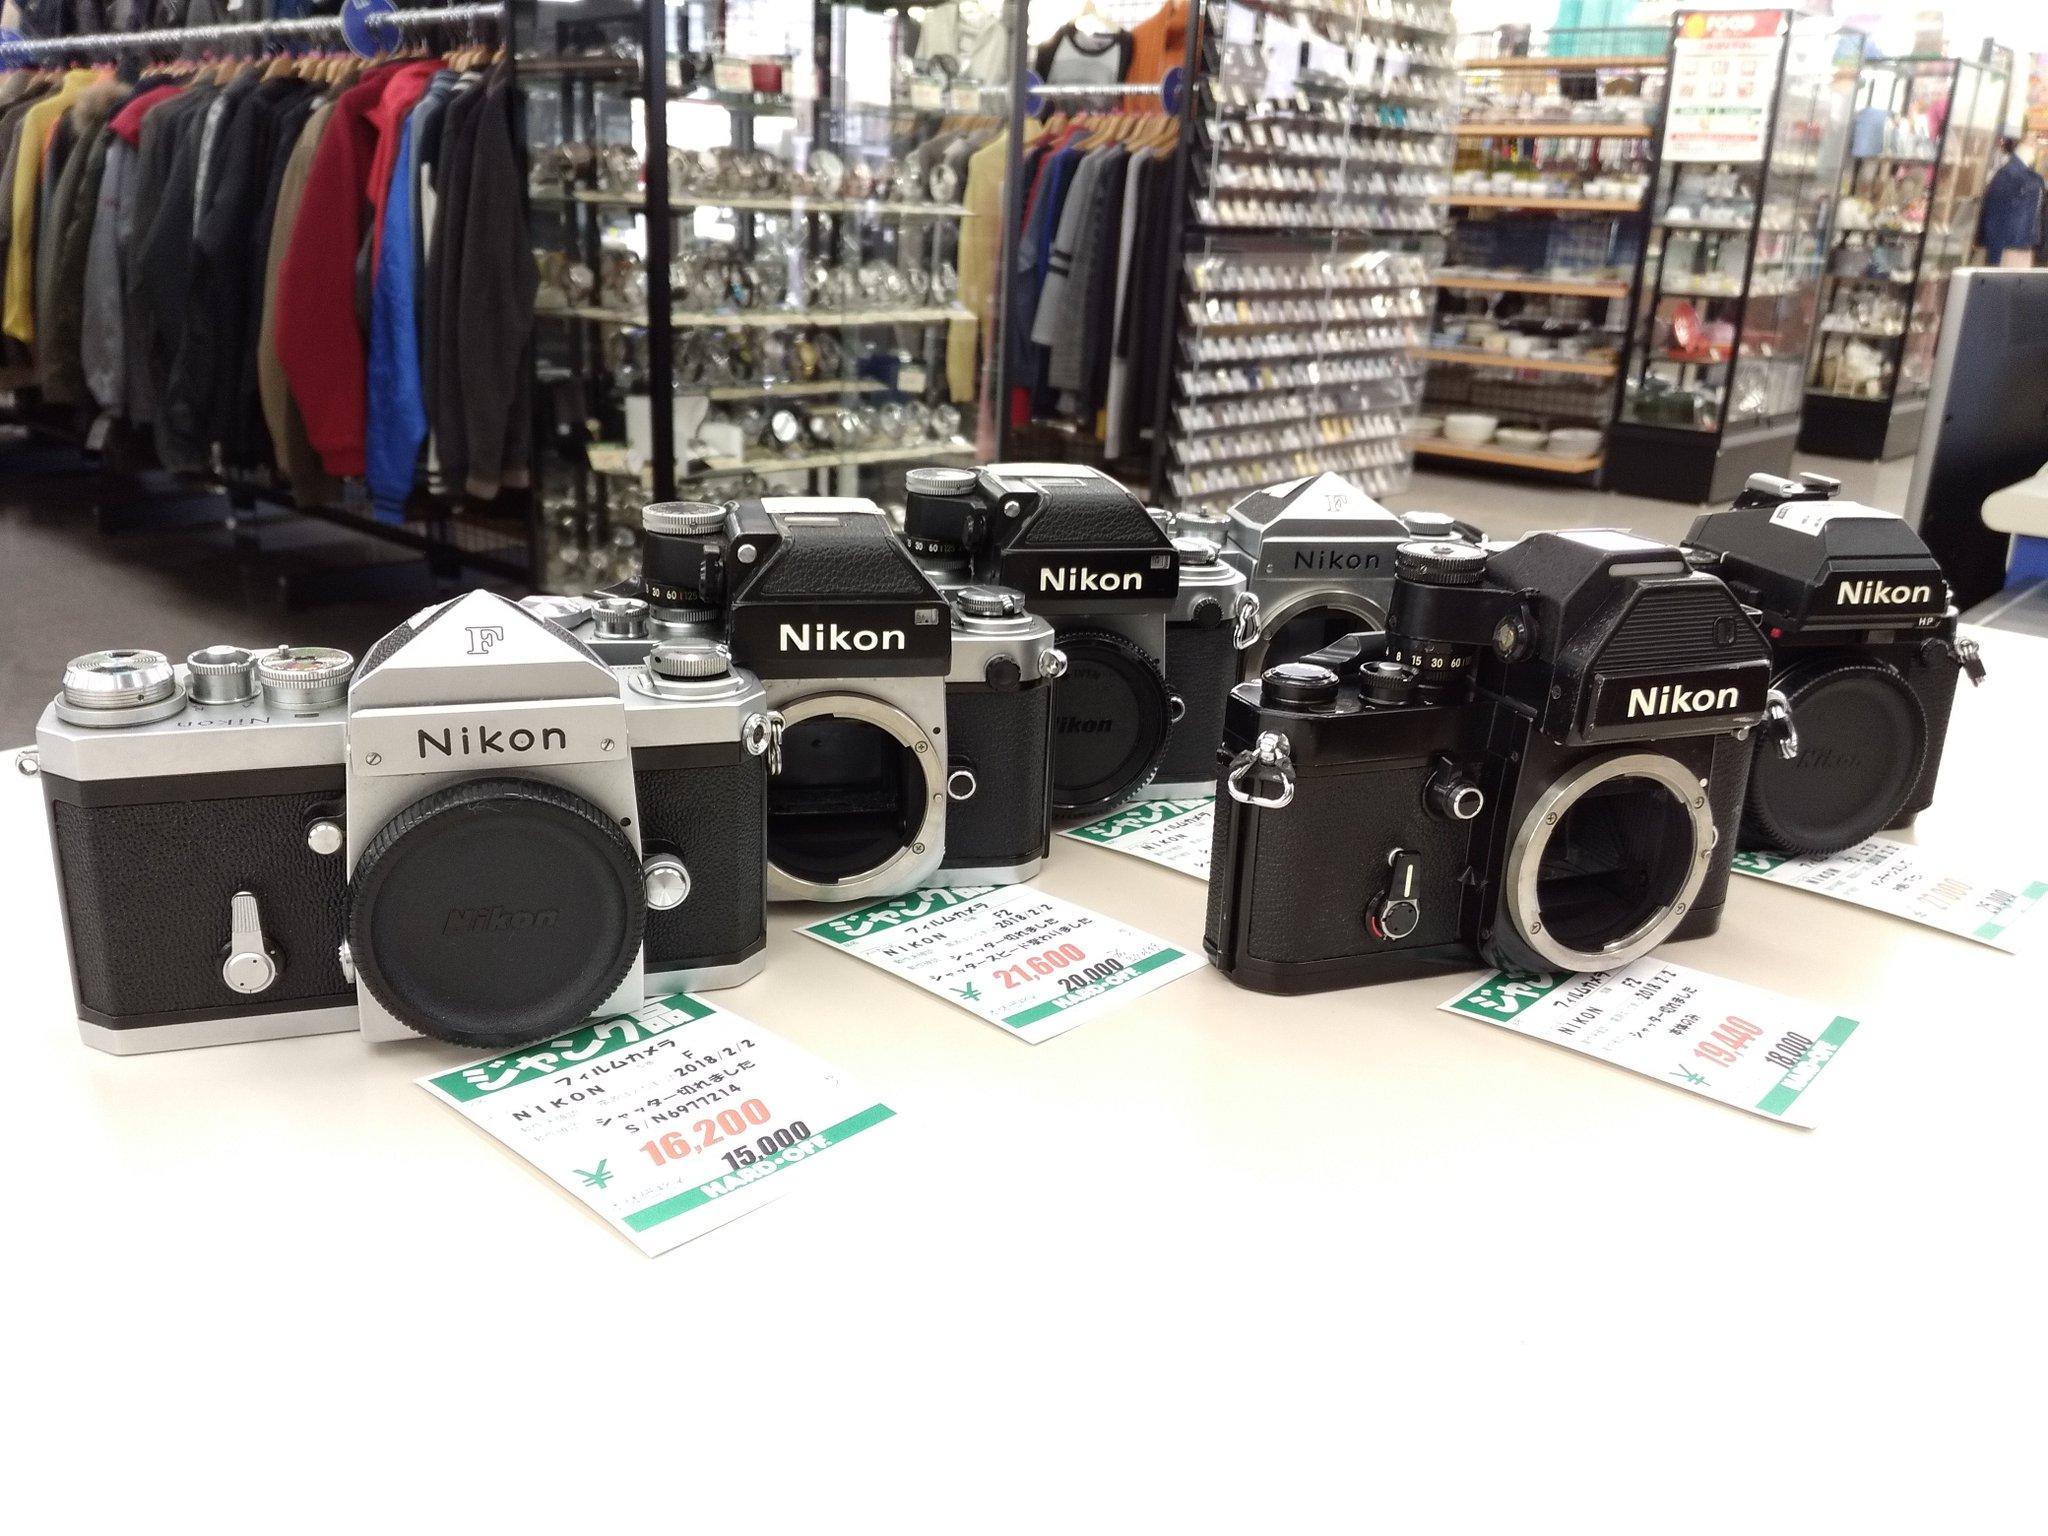 フィルムカメラ大量入荷☺_[1]